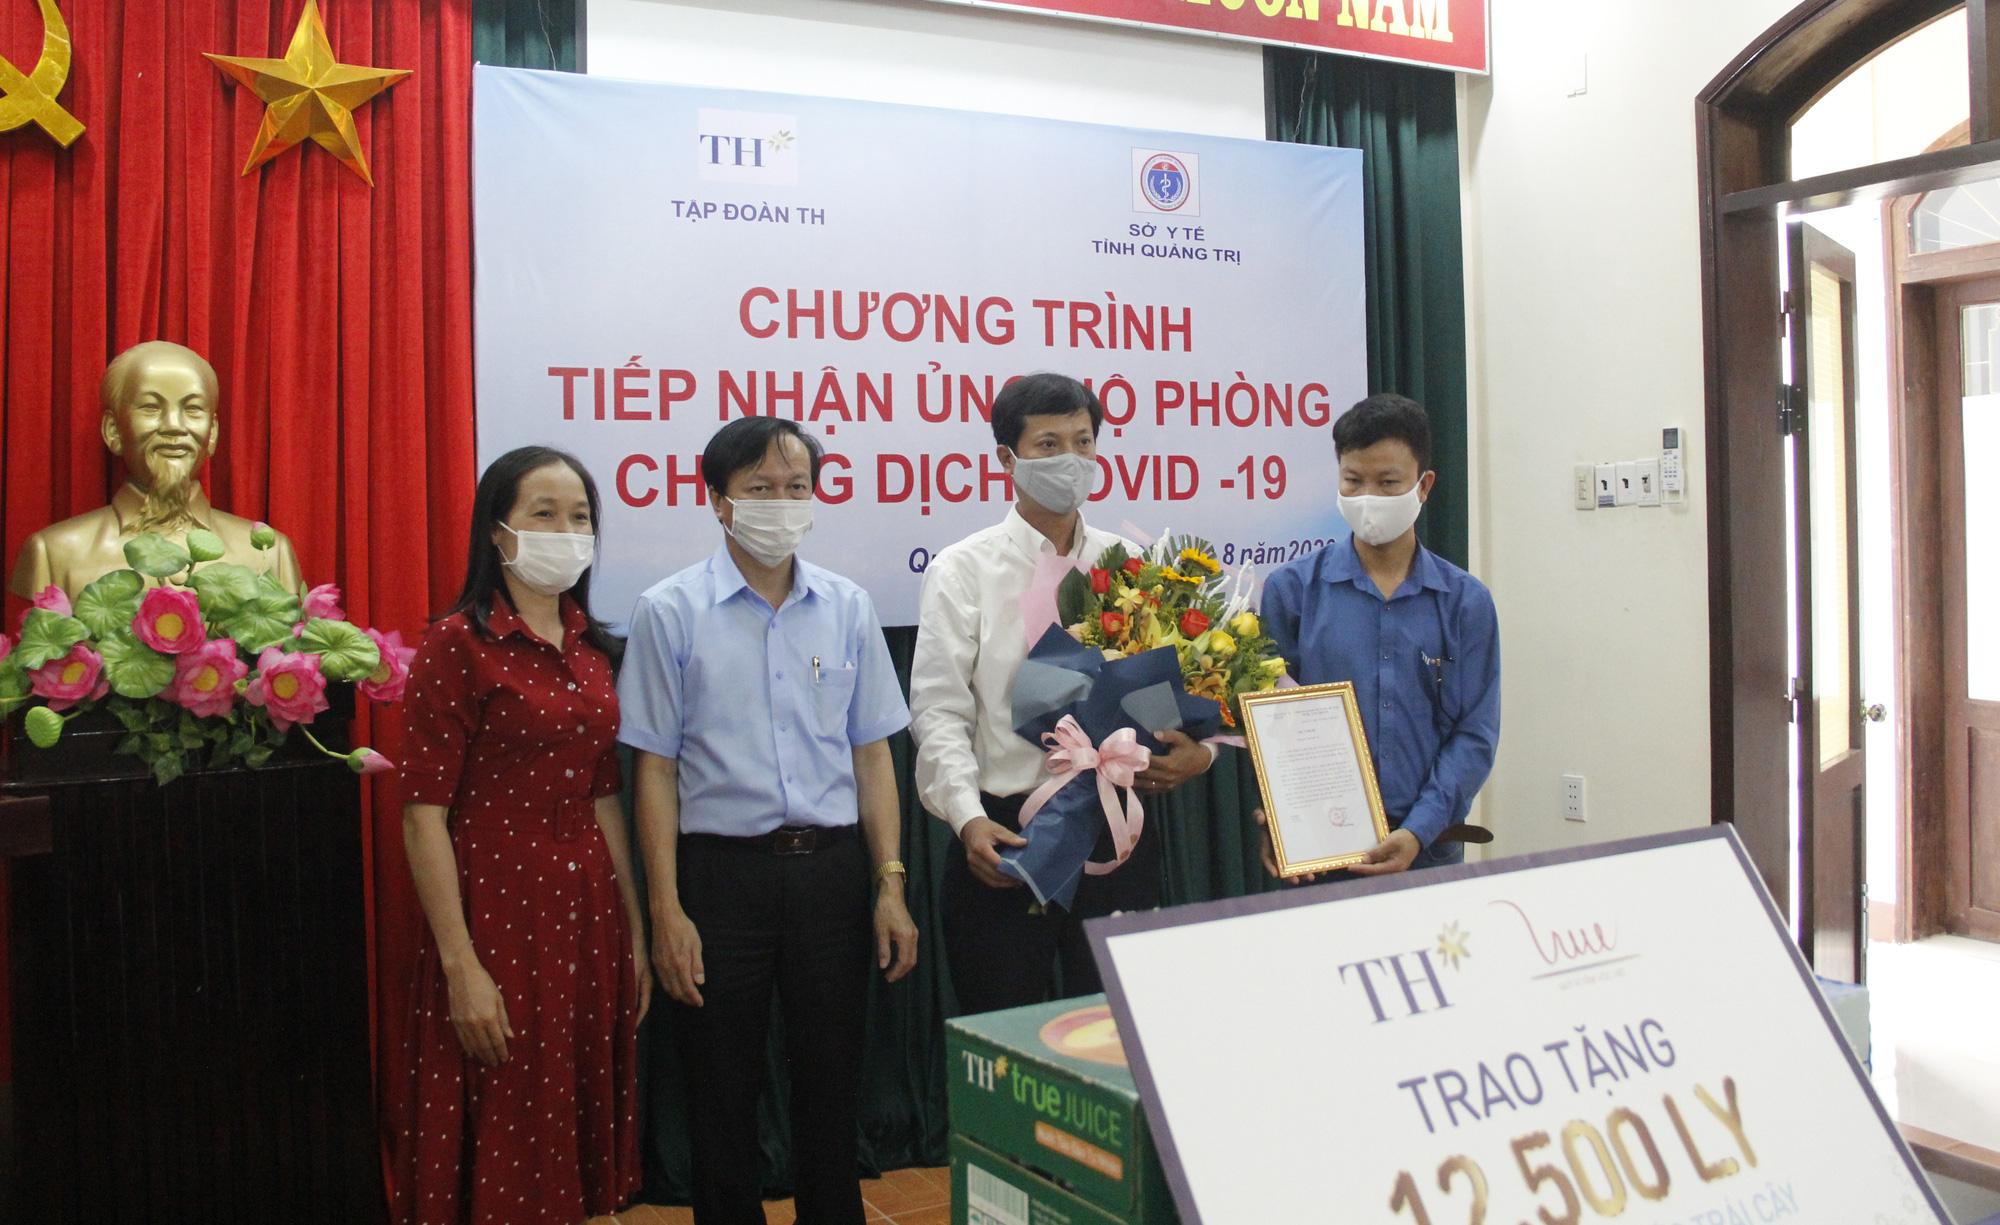 Tập đoàn TH trao tặng 12.500 sản phẩm sữa tươi hỗ trợ tỉnh Quảng Trị phòng, chống dịch Covid-19 - Ảnh 4.